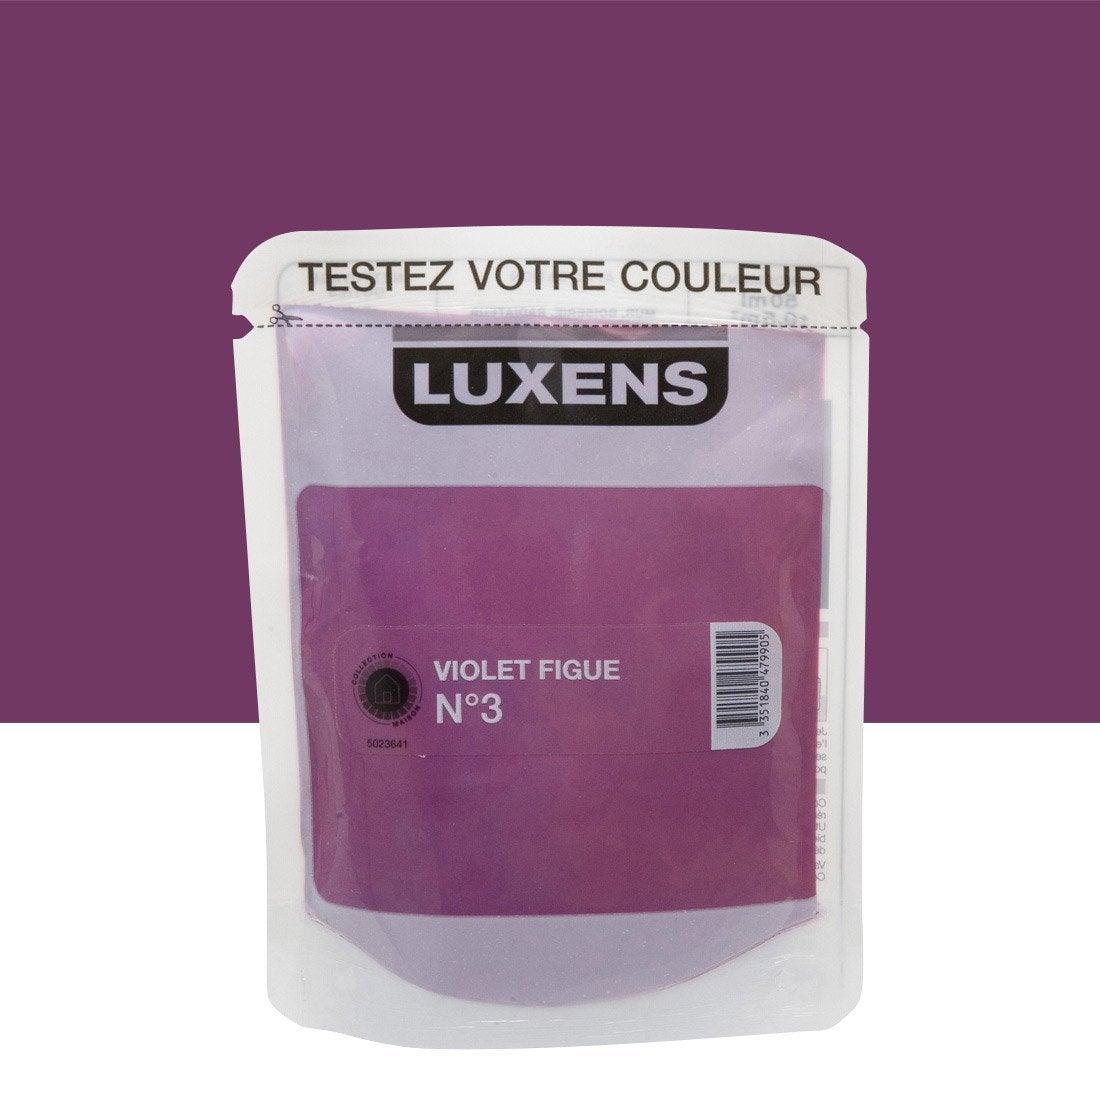 Testeur peinture couleurs int rieures satin luxens violet figue n 3 l leroy merlin for Peinture couleur figue